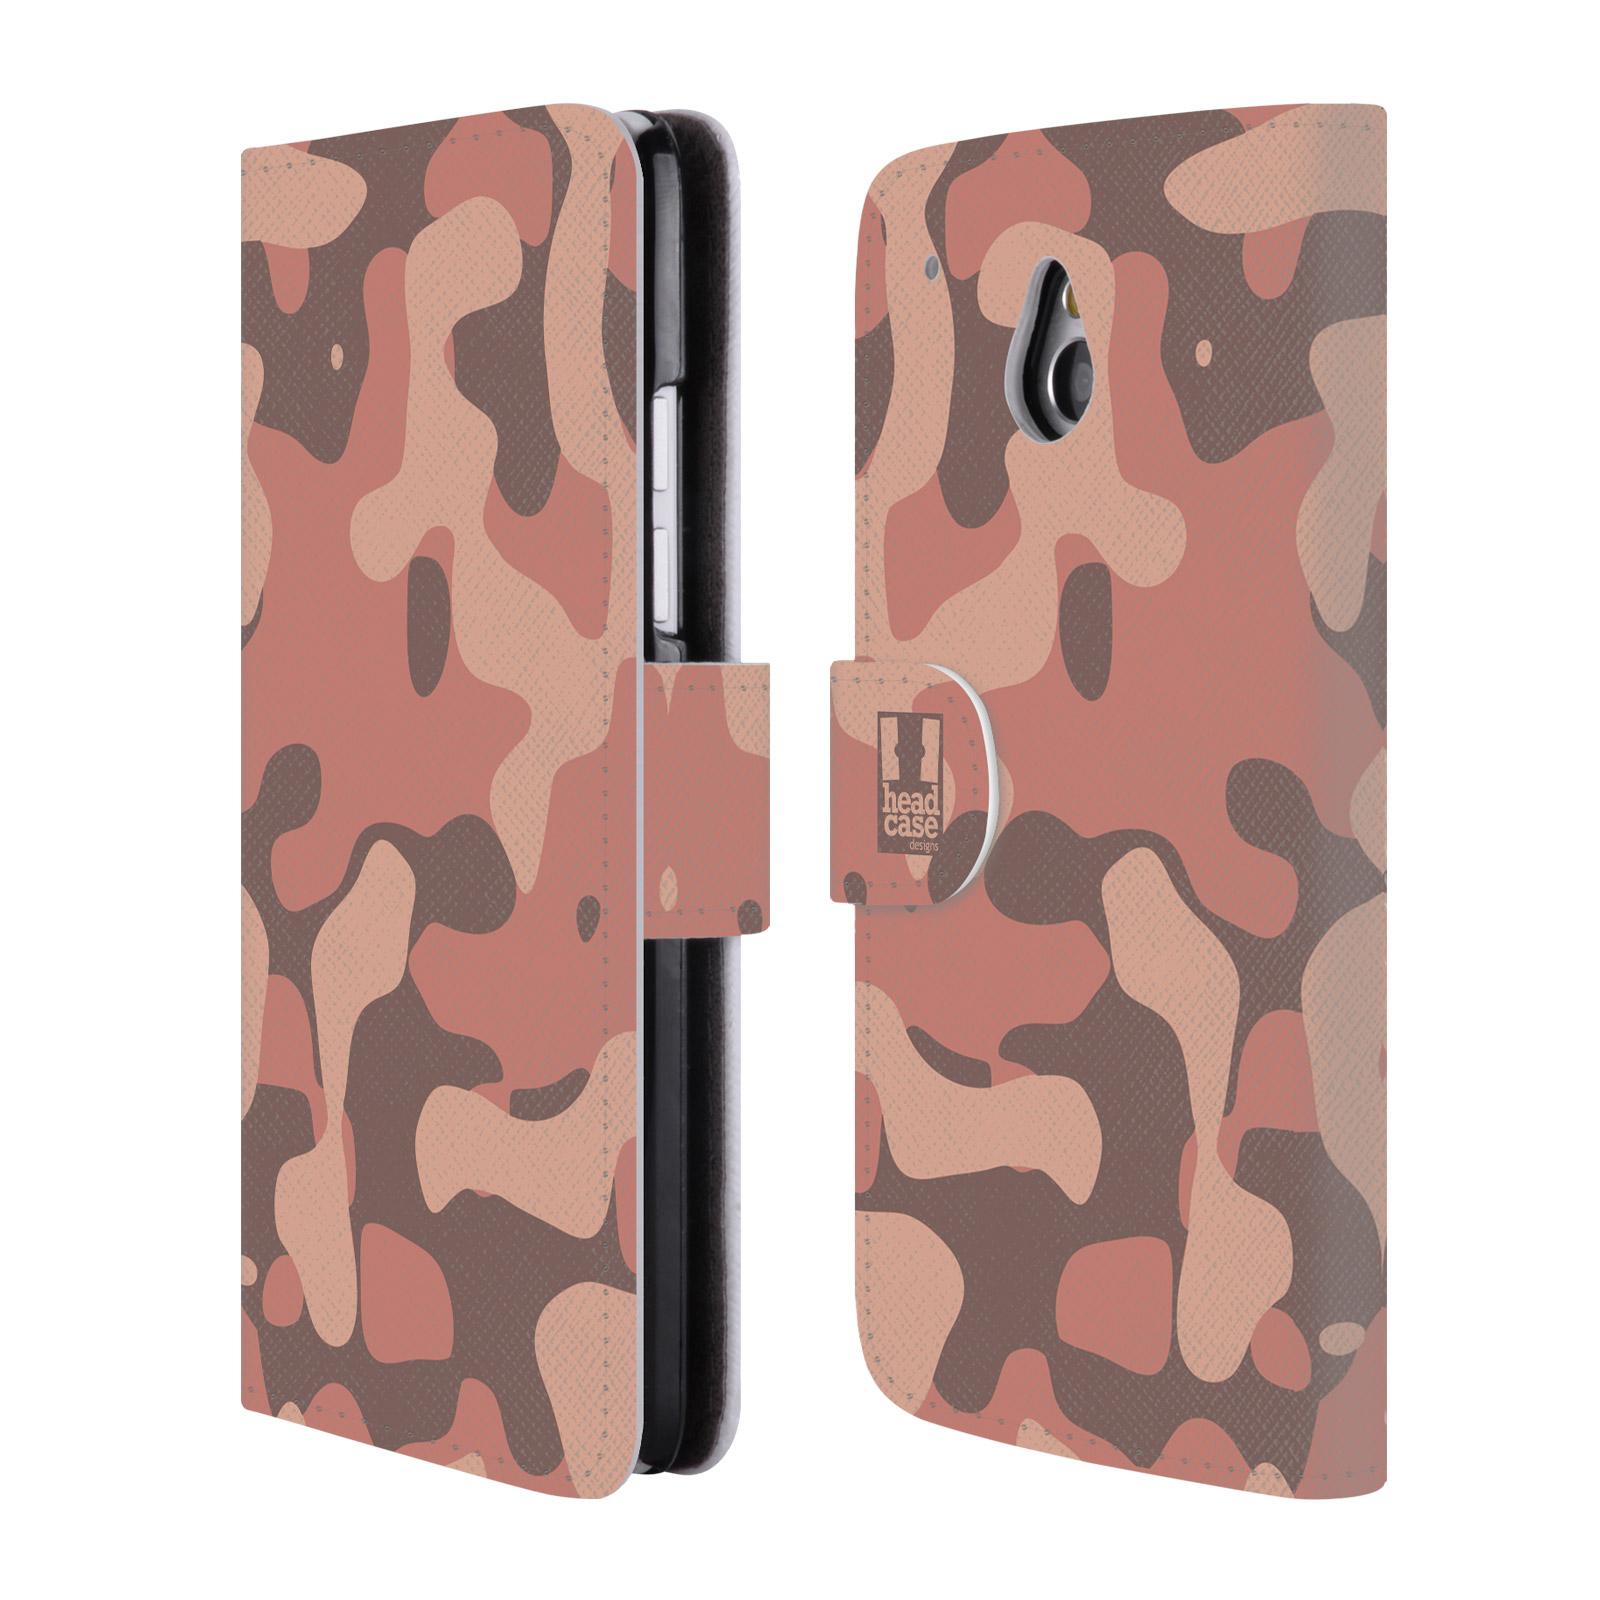 HEAD CASE Flipové pouzdro pro mobil HTC ONE MINI (M4) lehká barevná kamufláž růžová, losos